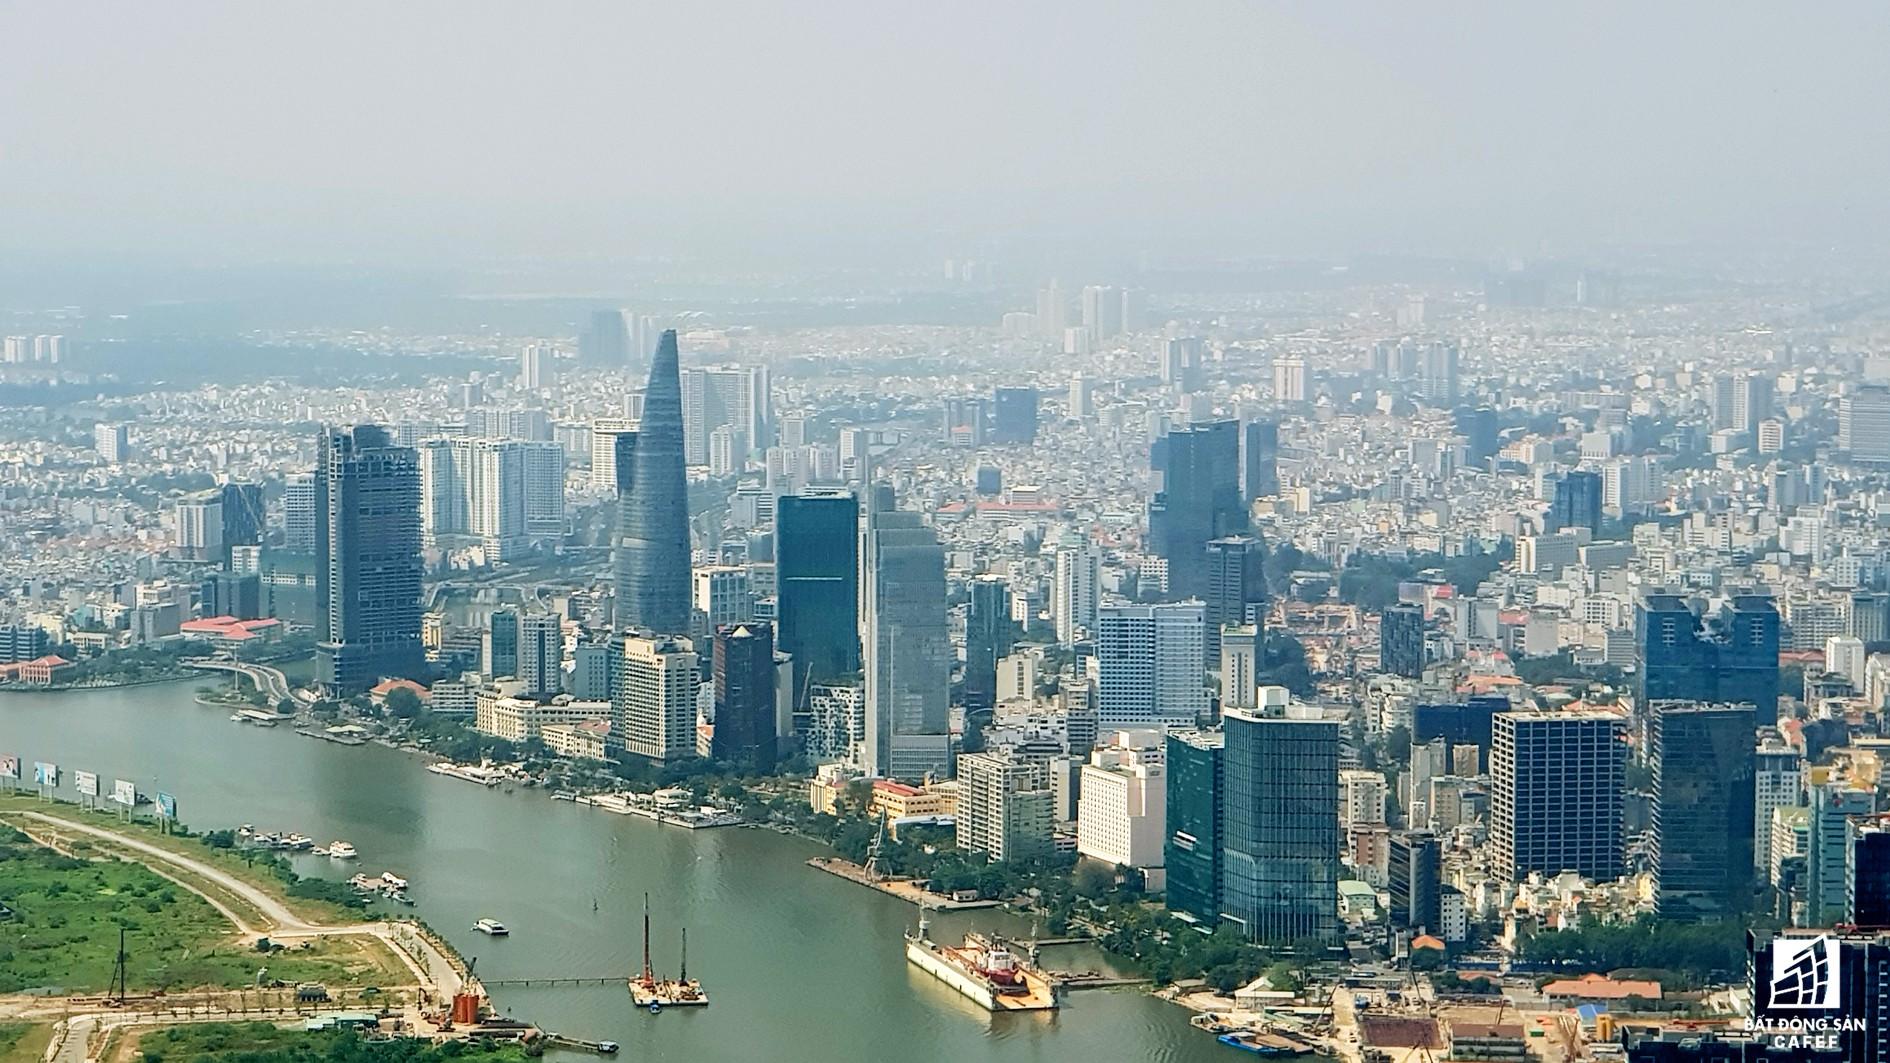 Toàn cảnh đô thị trung tâm Sài Gòn nhìn từ đỉnh tòa nhà cao nhất Việt Nam - Ảnh 13.